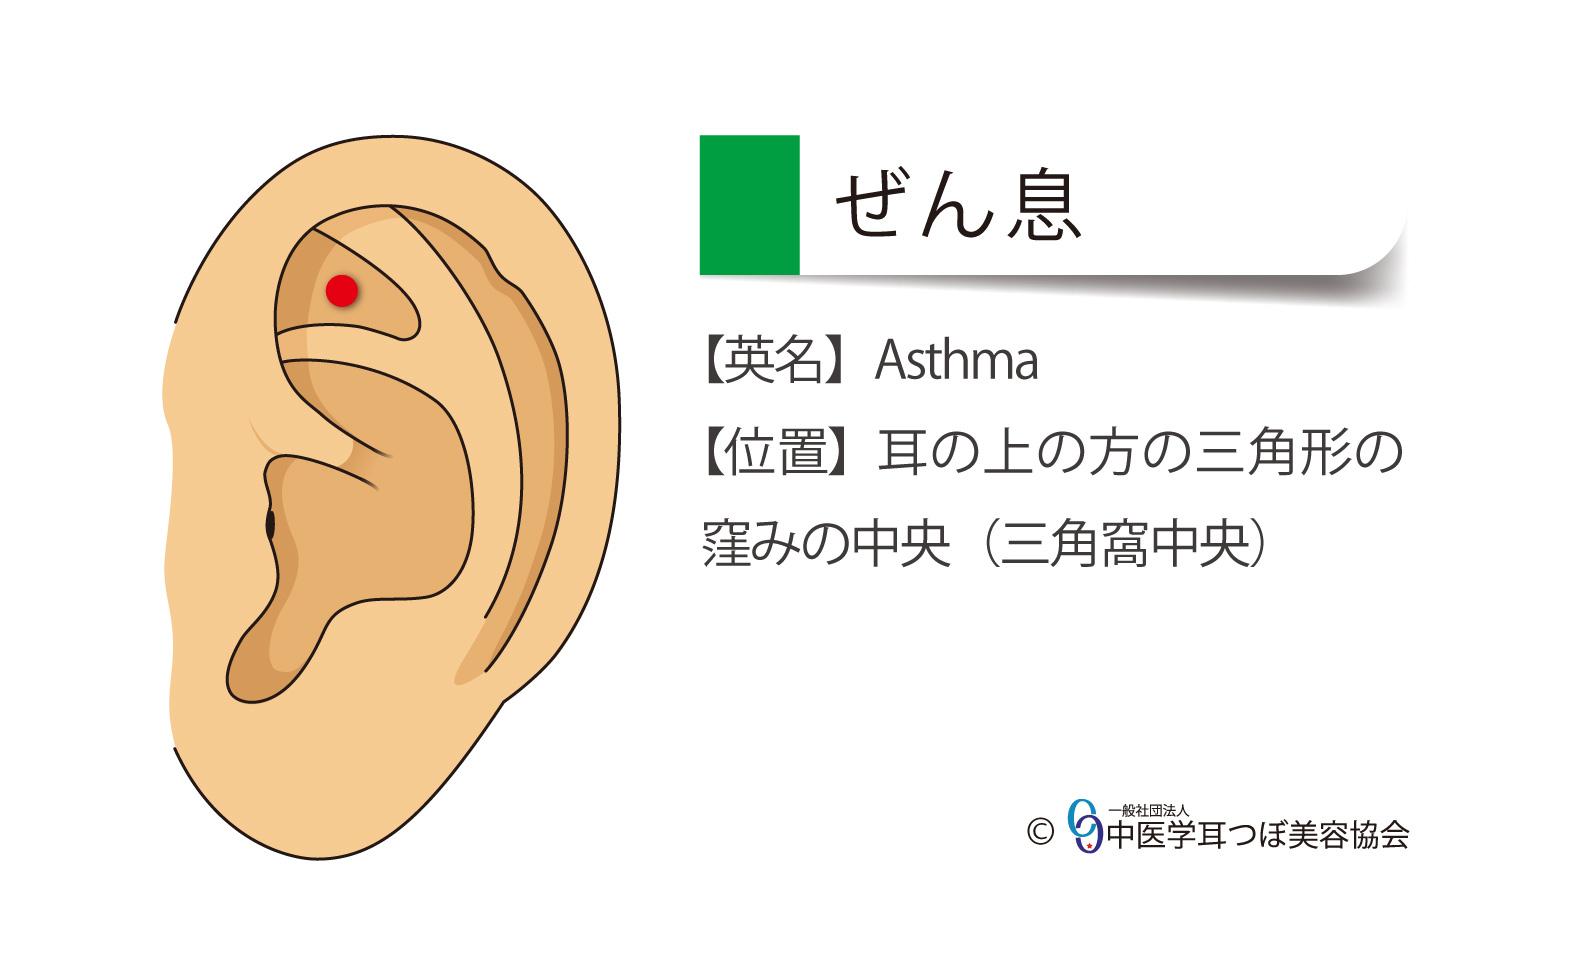 ぜん息の耳つぼ